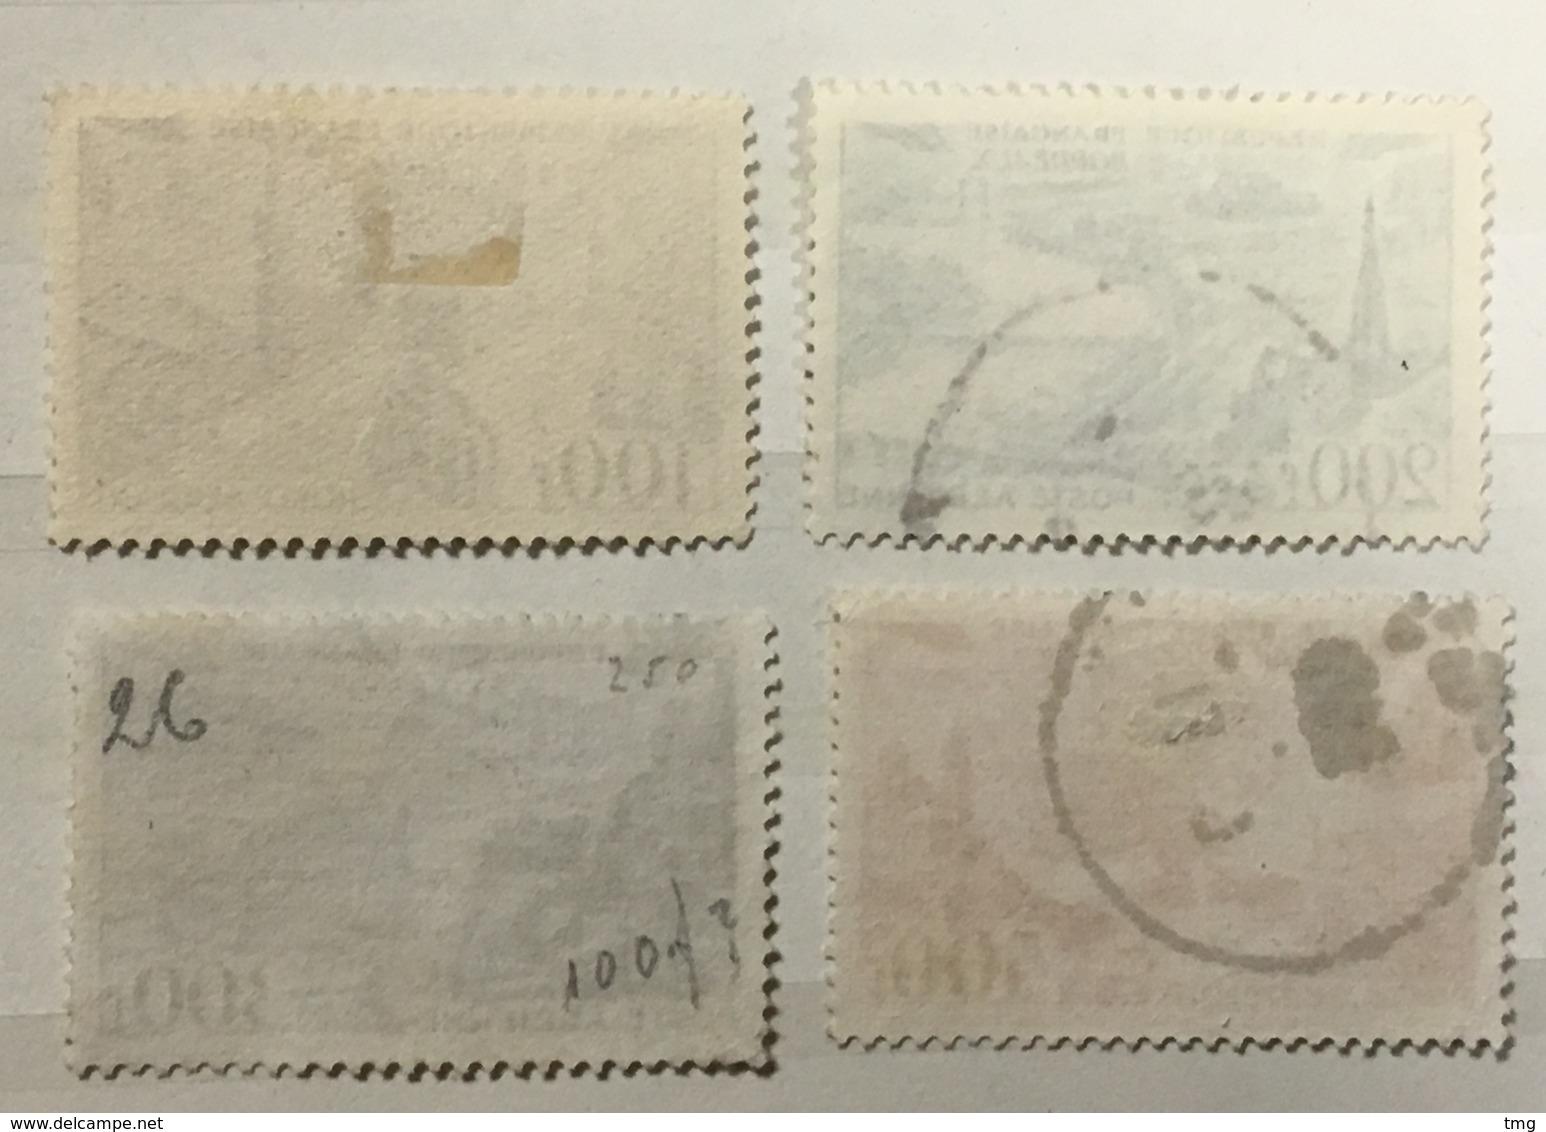 Timbre France Poste Aérienne YT PA 24 25 26 27 (°) 1949 Lille Bordeaux Lyon Marseille (côte 21,5 Euros) – 316b - Luftpost